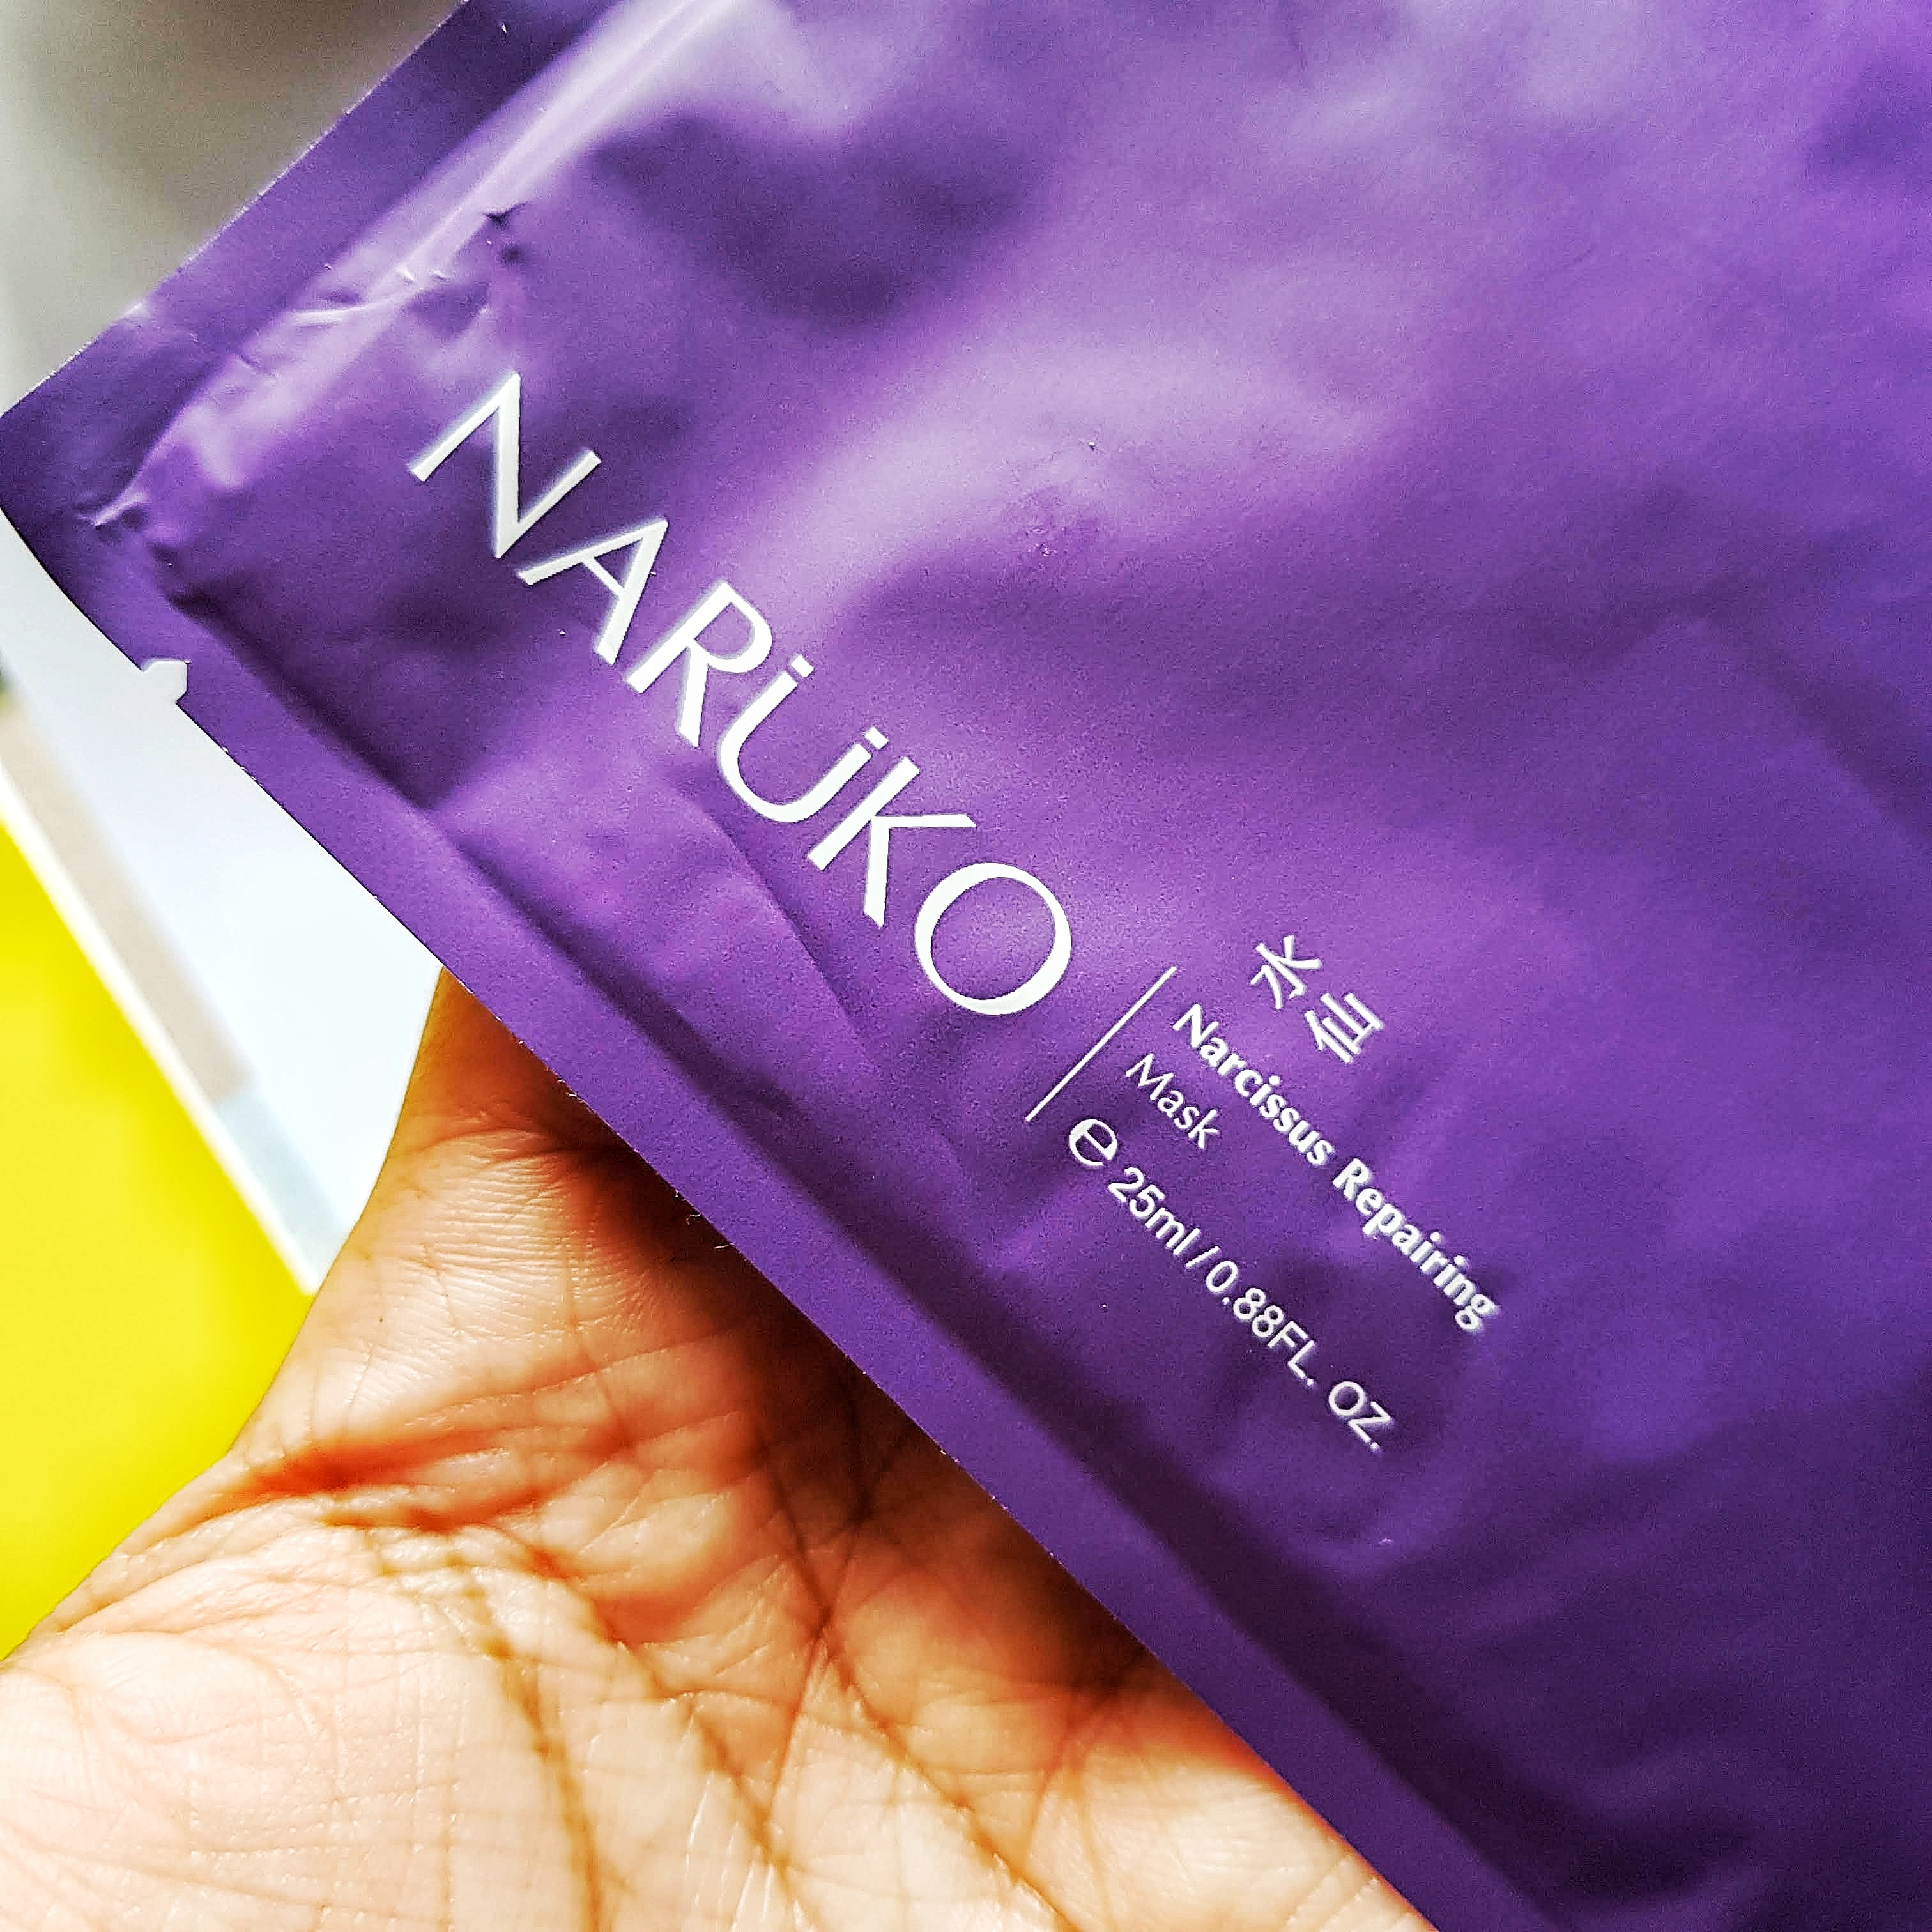 REVIEW | NARUKO Narcissus Repairing Mask